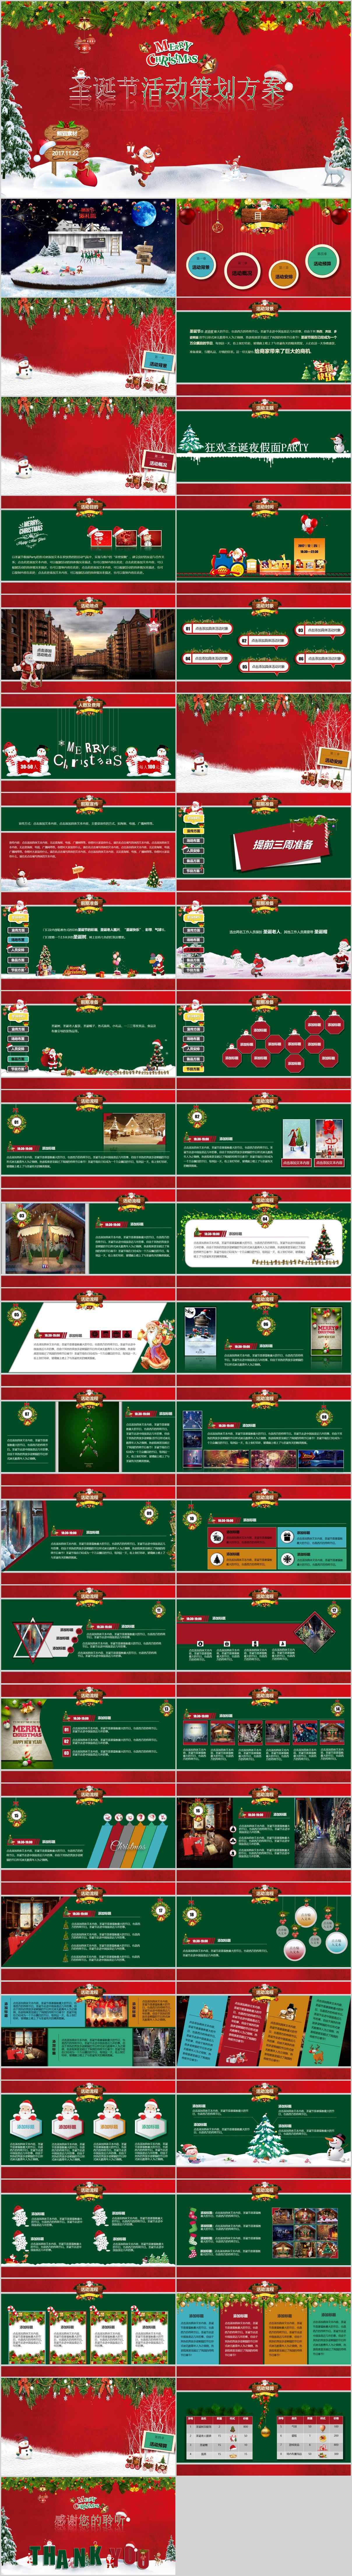 圣诞节活动策划方案PPT模板